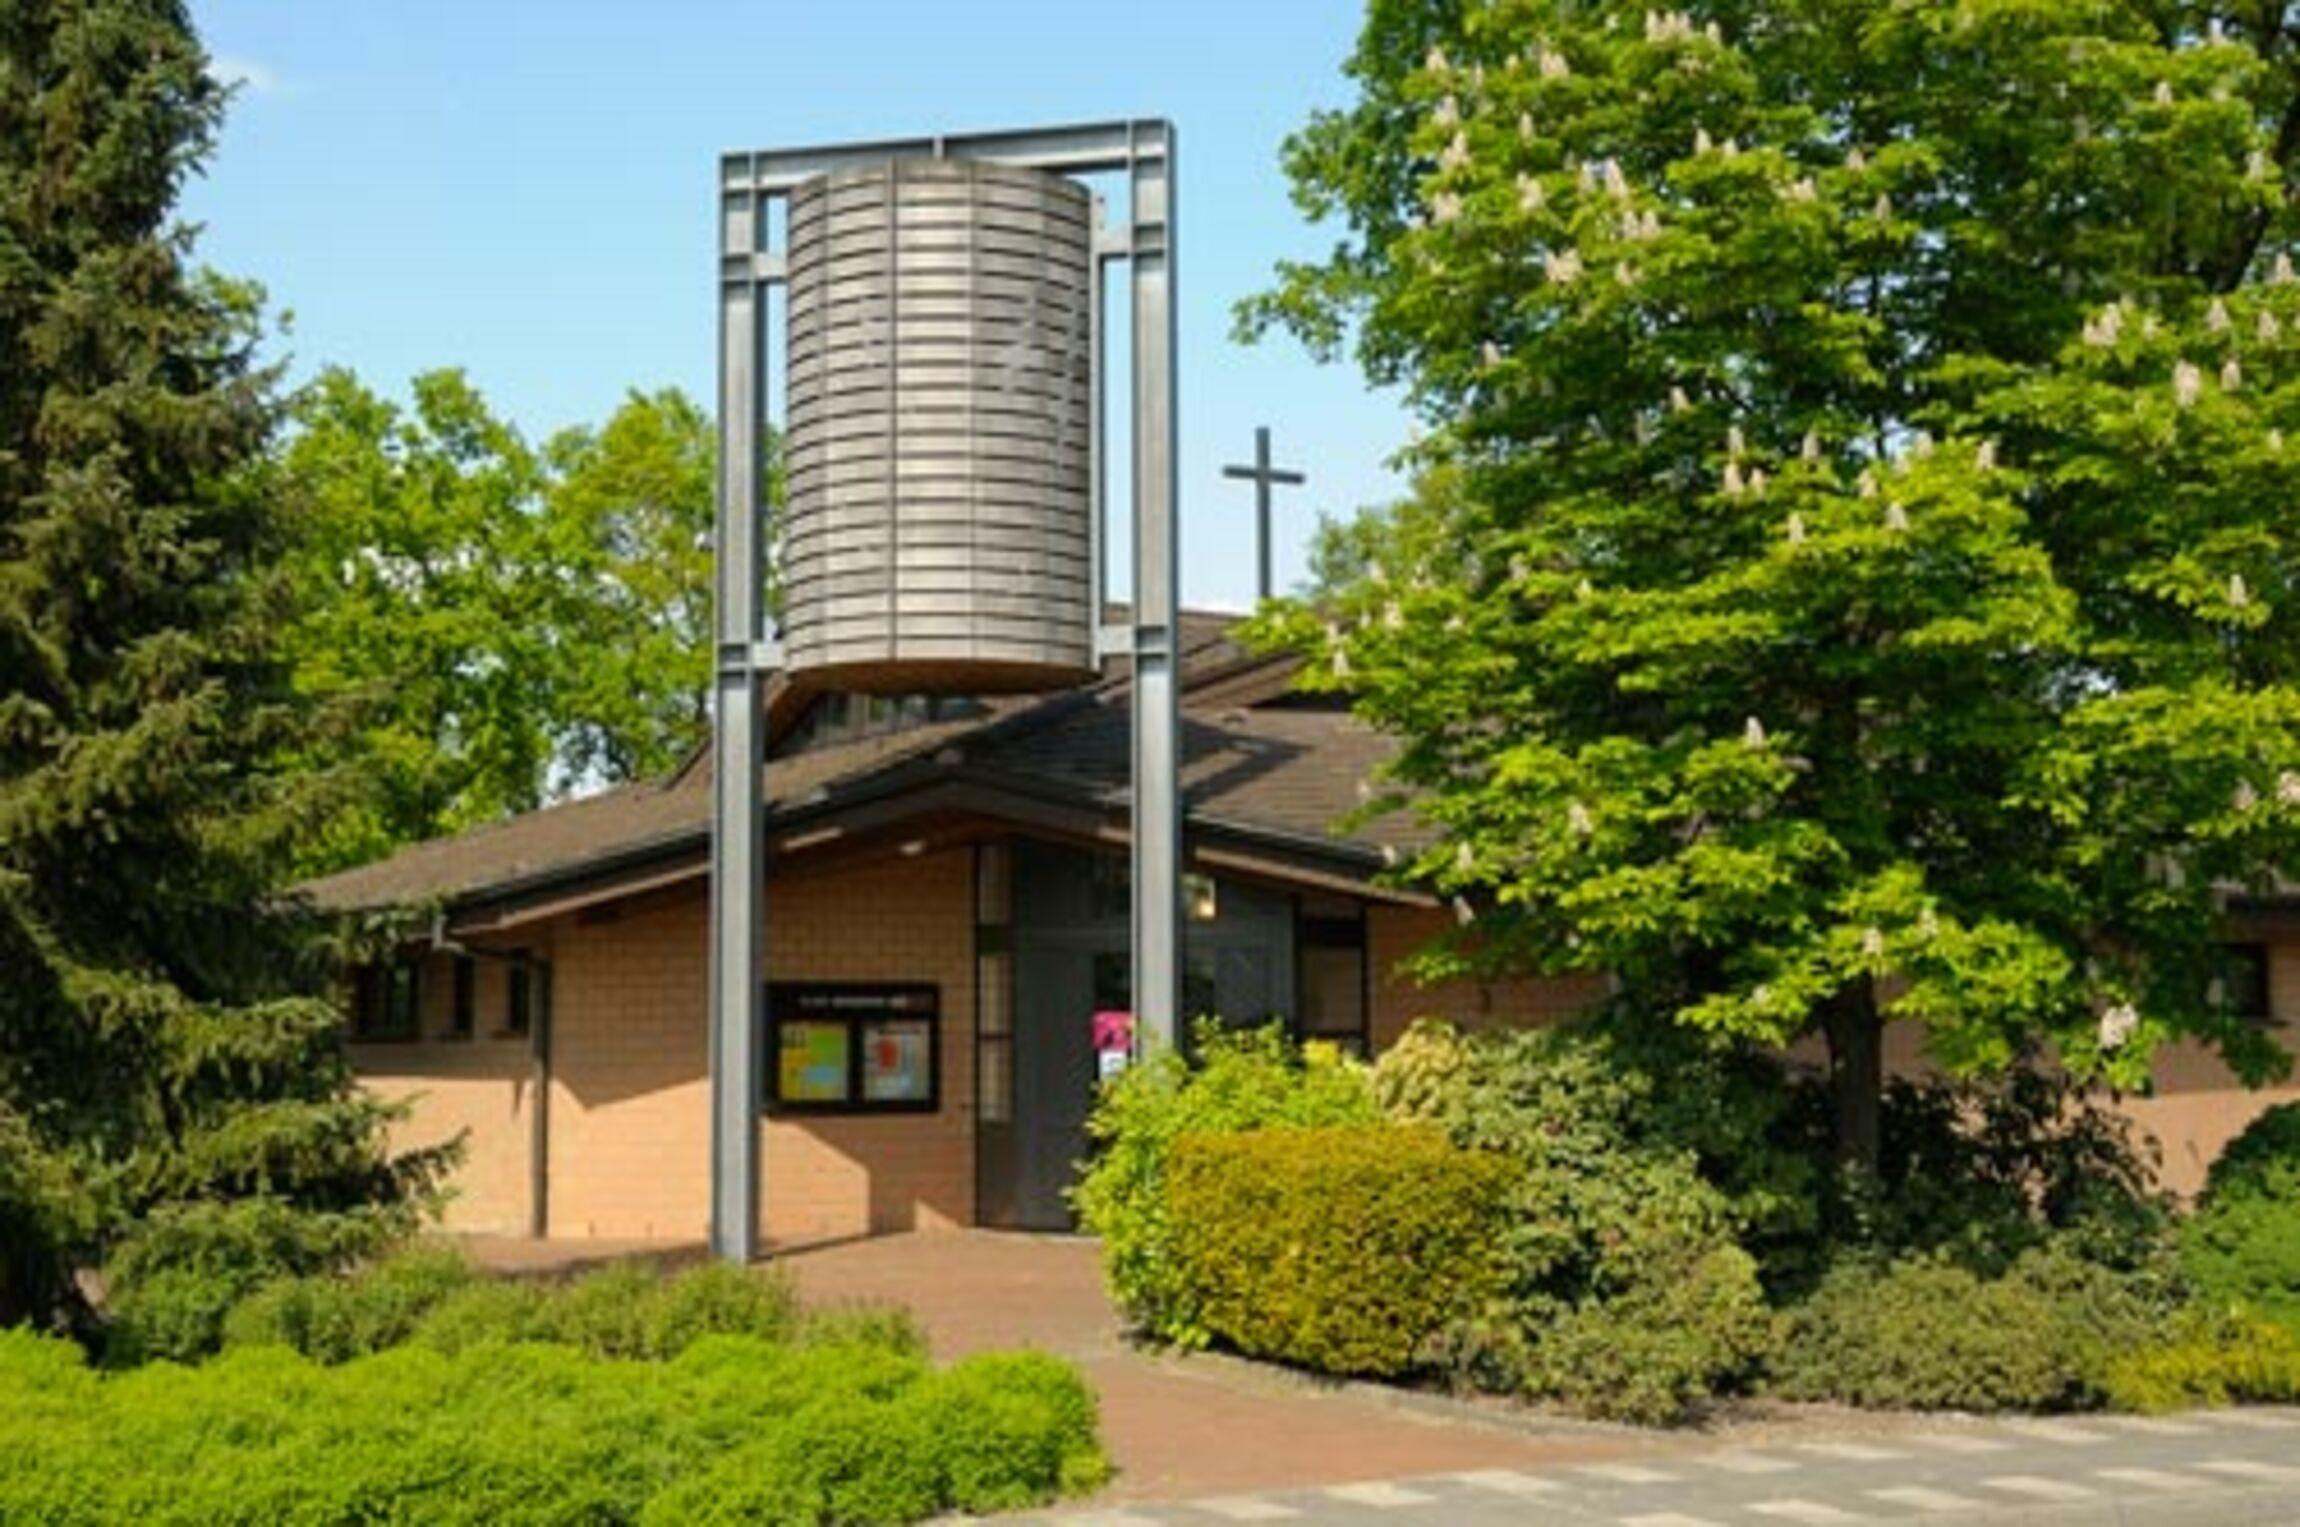 Gemeindezentrum-Lohne-2_003web